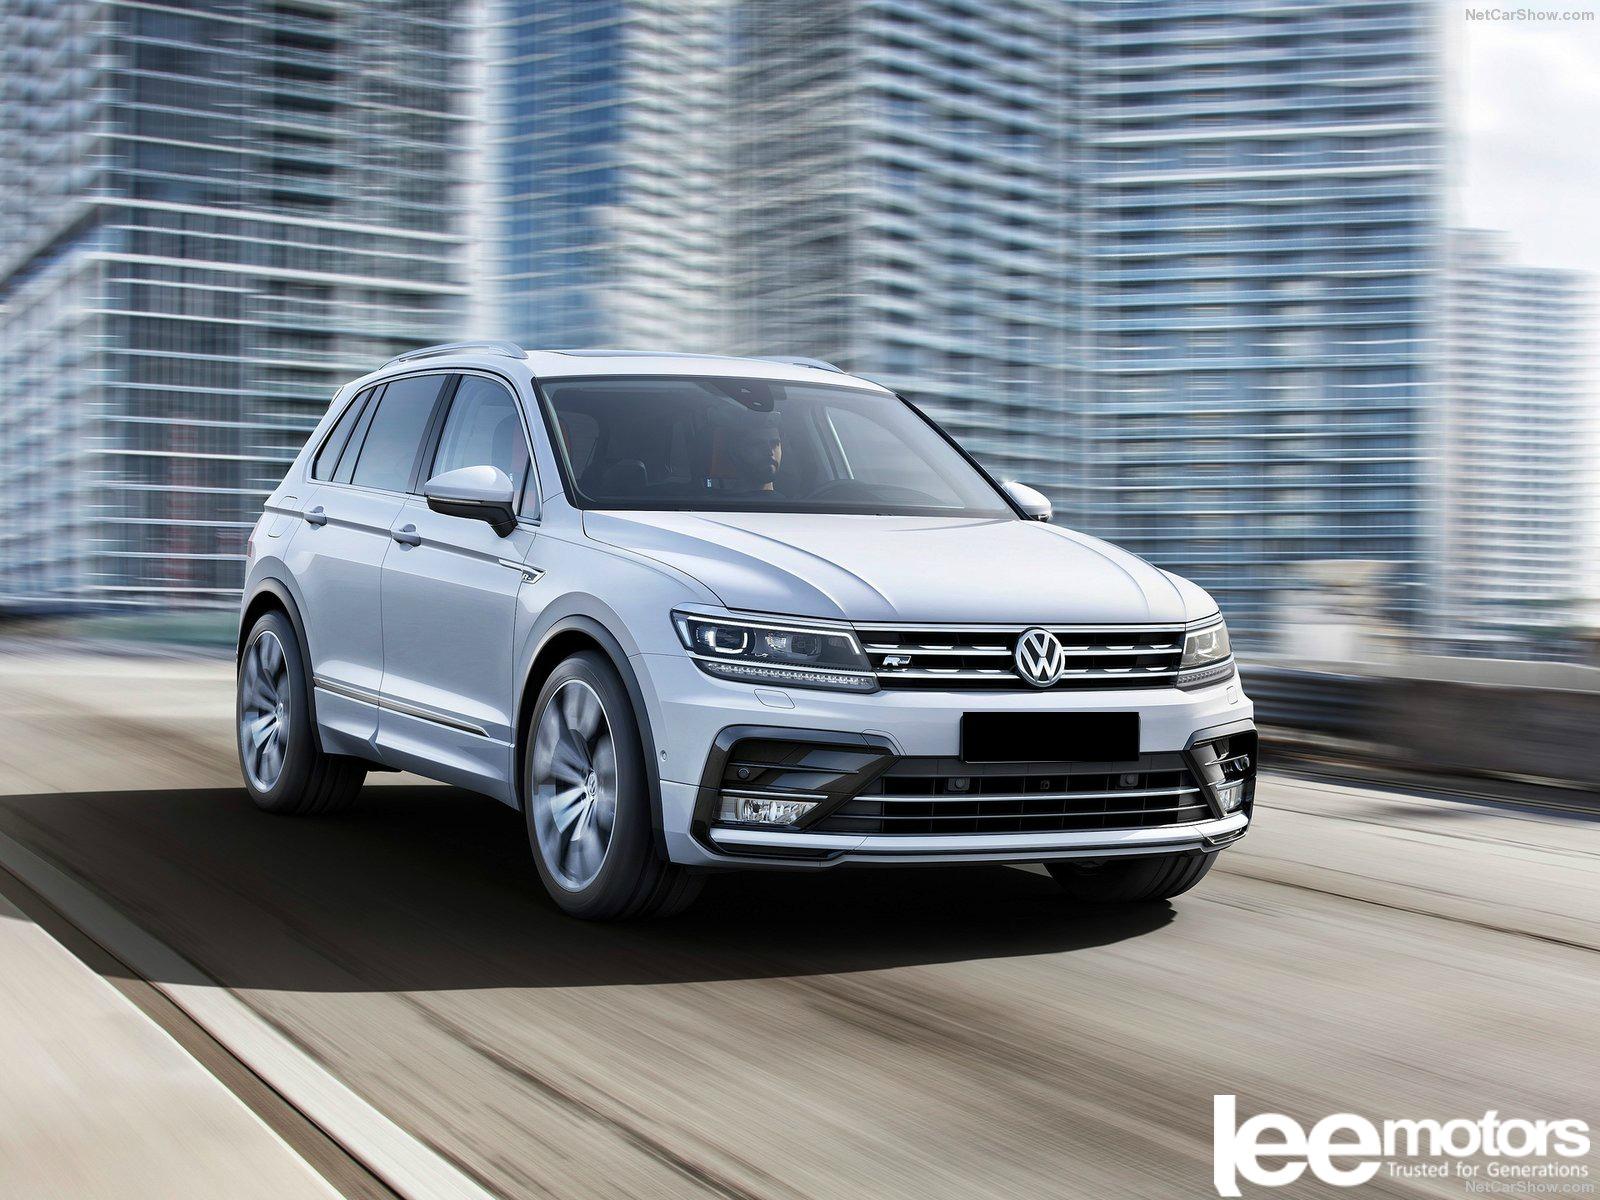 Volkswagen-Tiguan-2017-1600-08